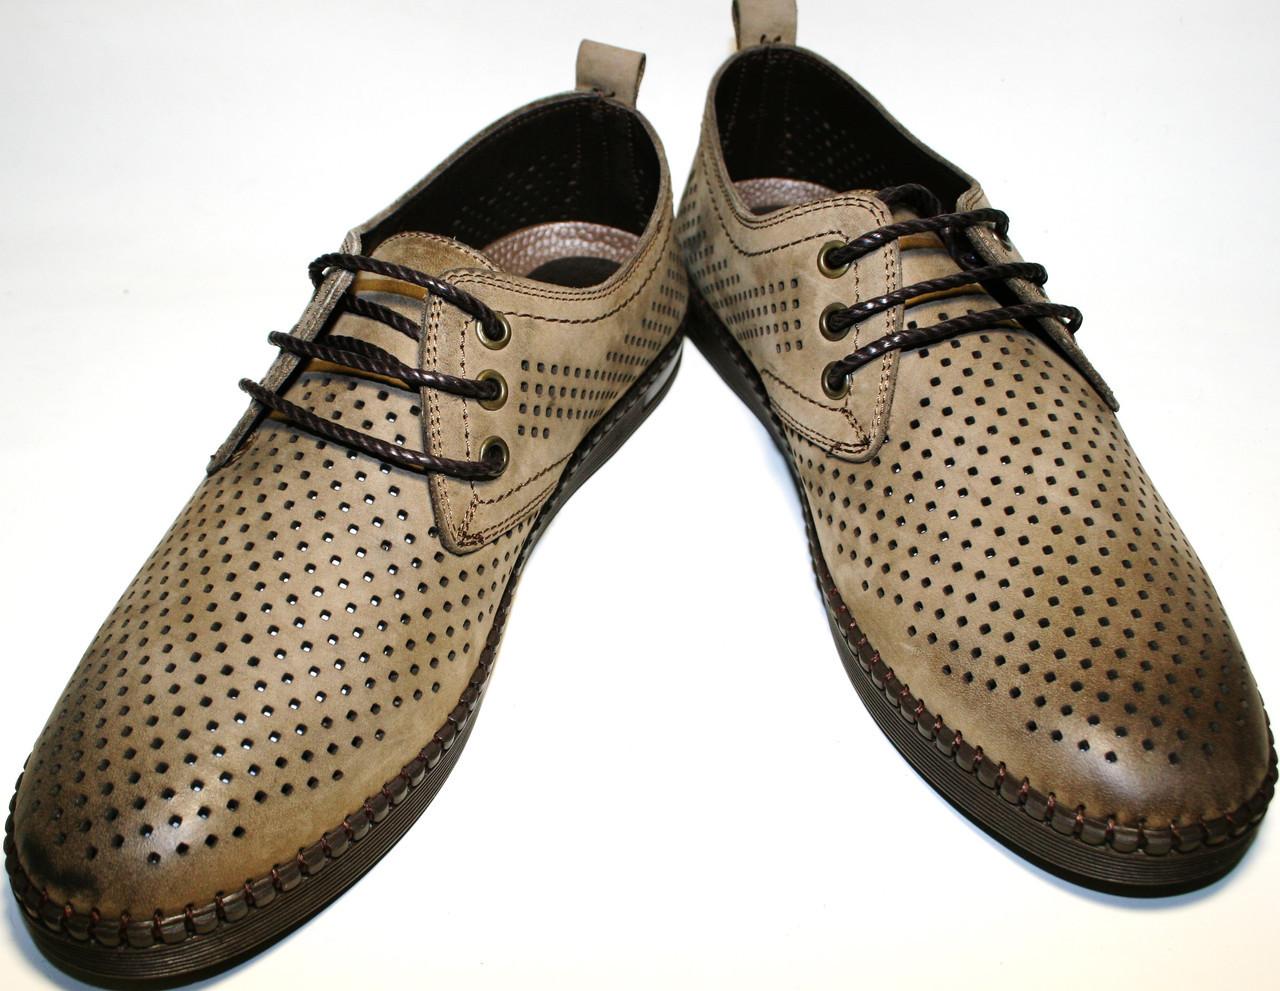 ba8e77759 Туфли мужские кожаные, летние, дерби, бежевые Luciano Bellini с обильной  перфорацией - Интернет